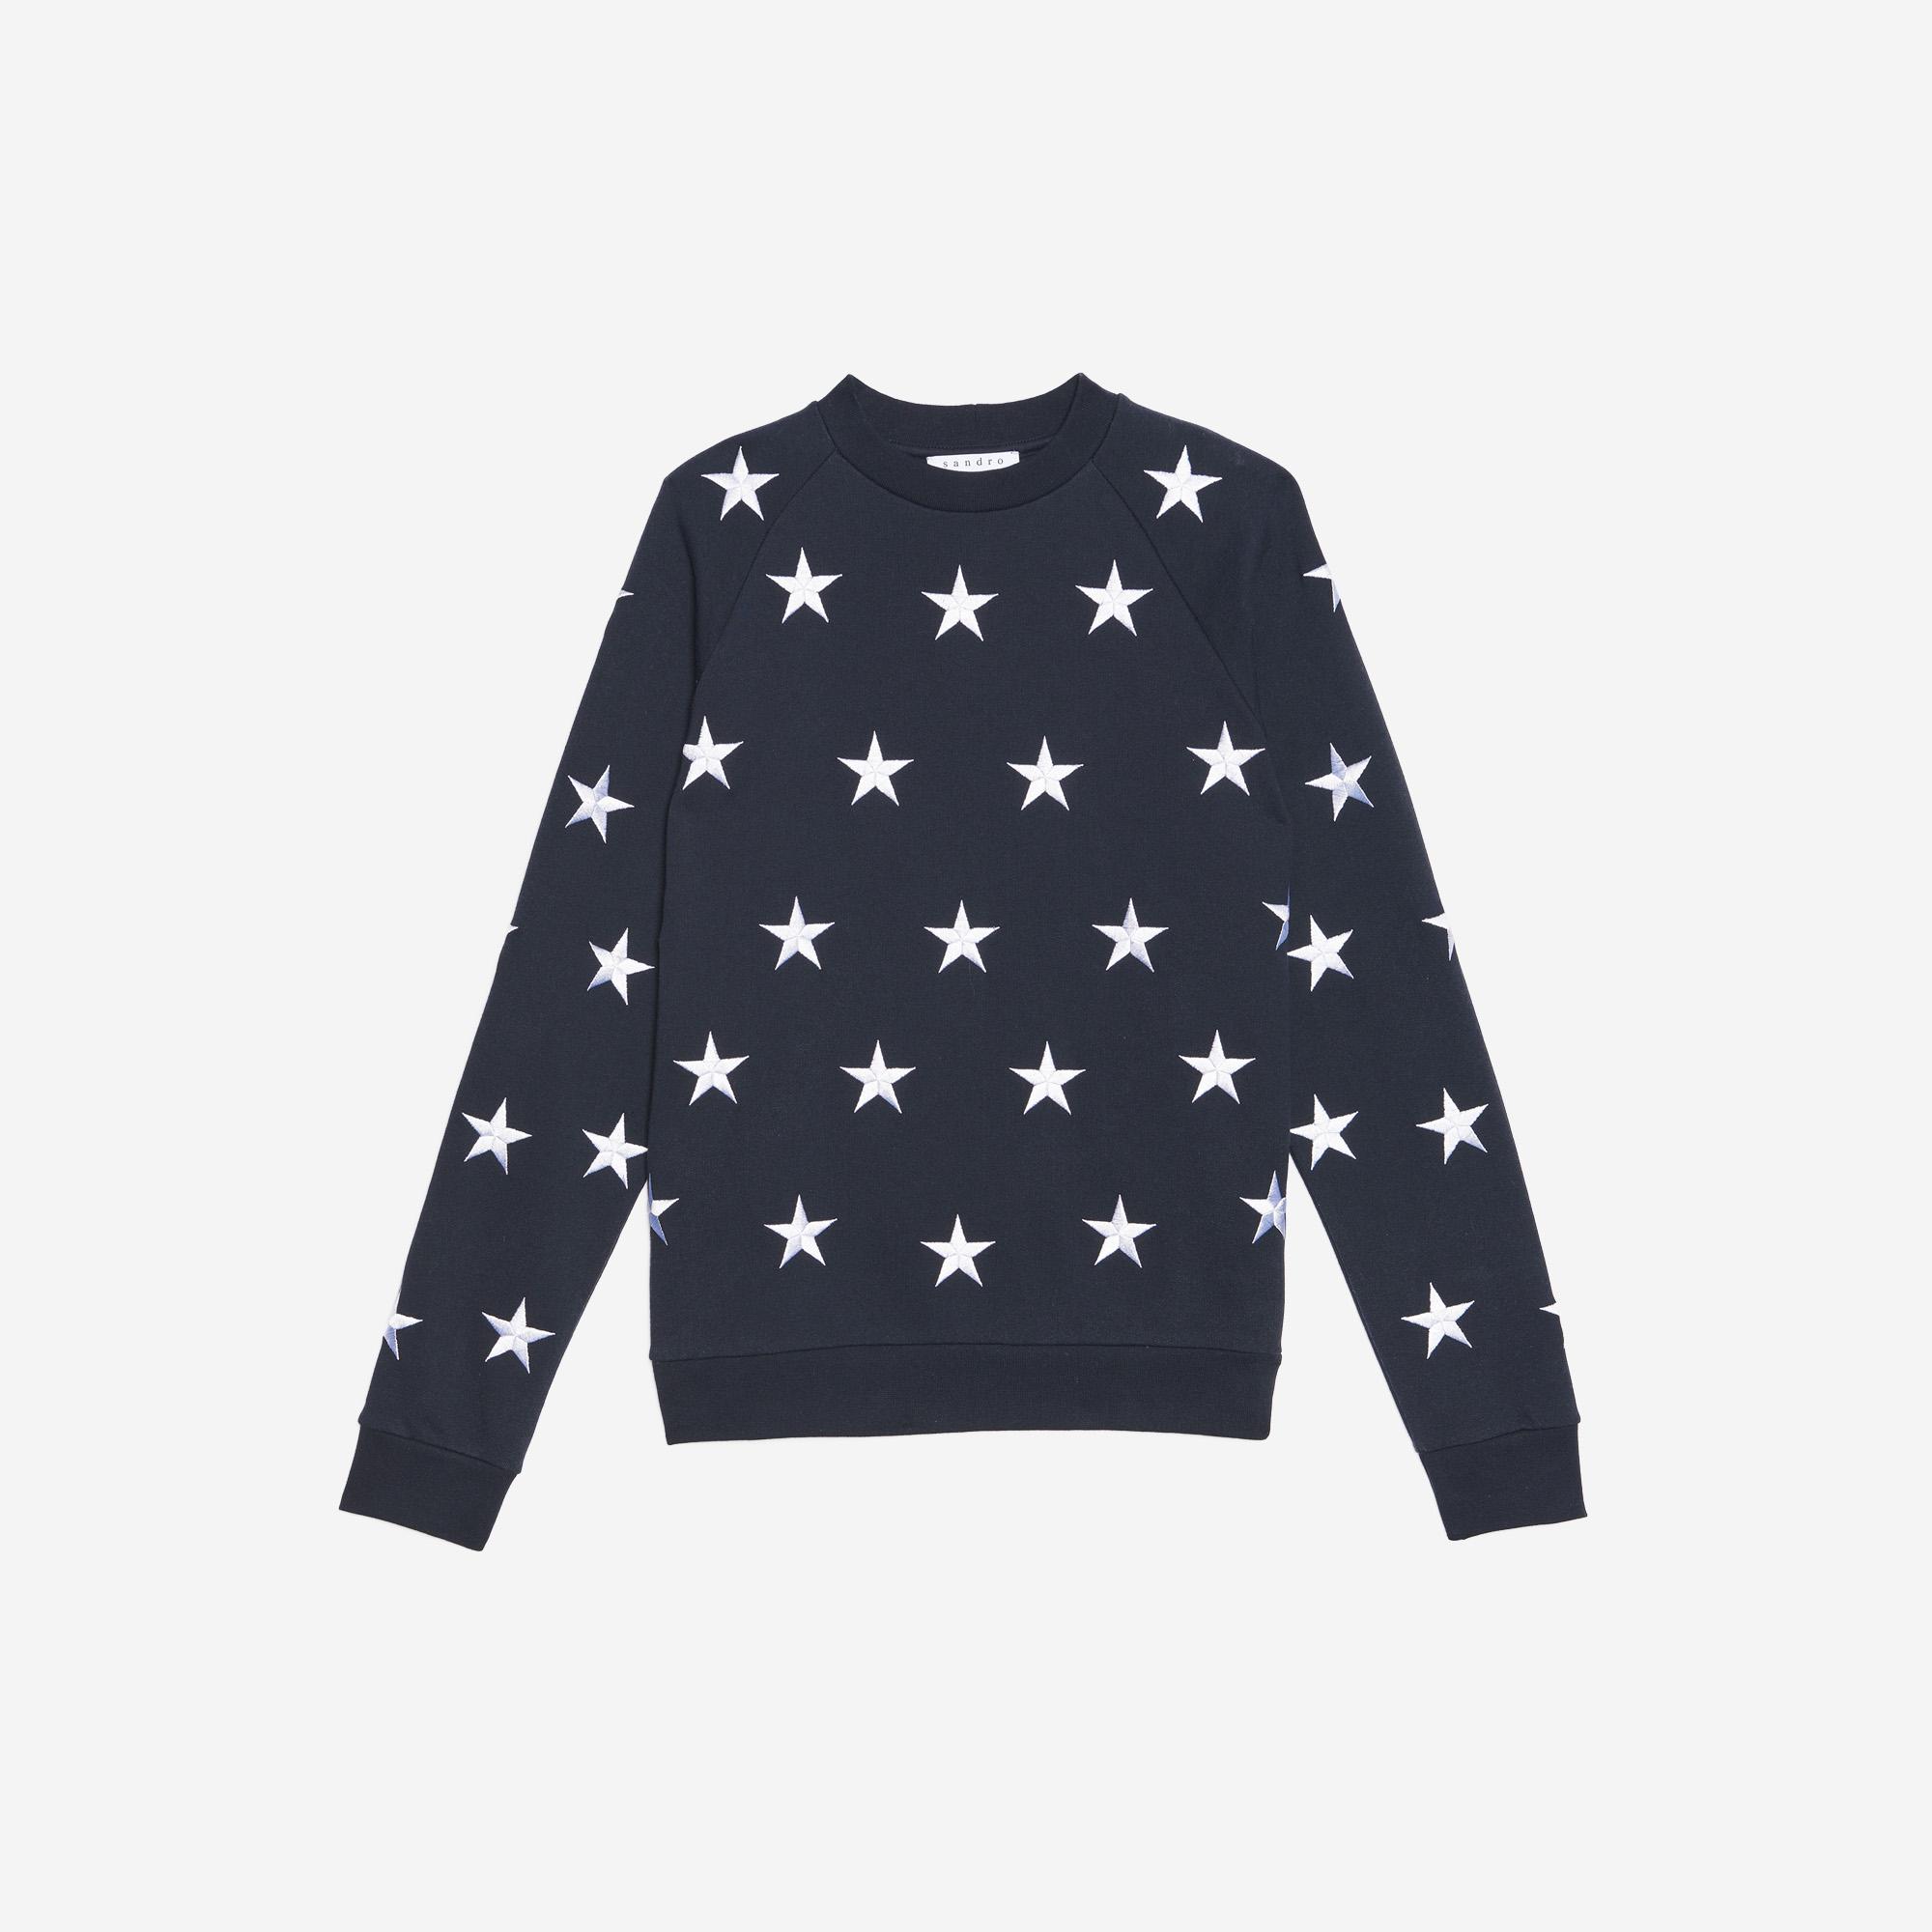 Felpa con stelle ricamate : Collezione Estiva colore Blu Marino